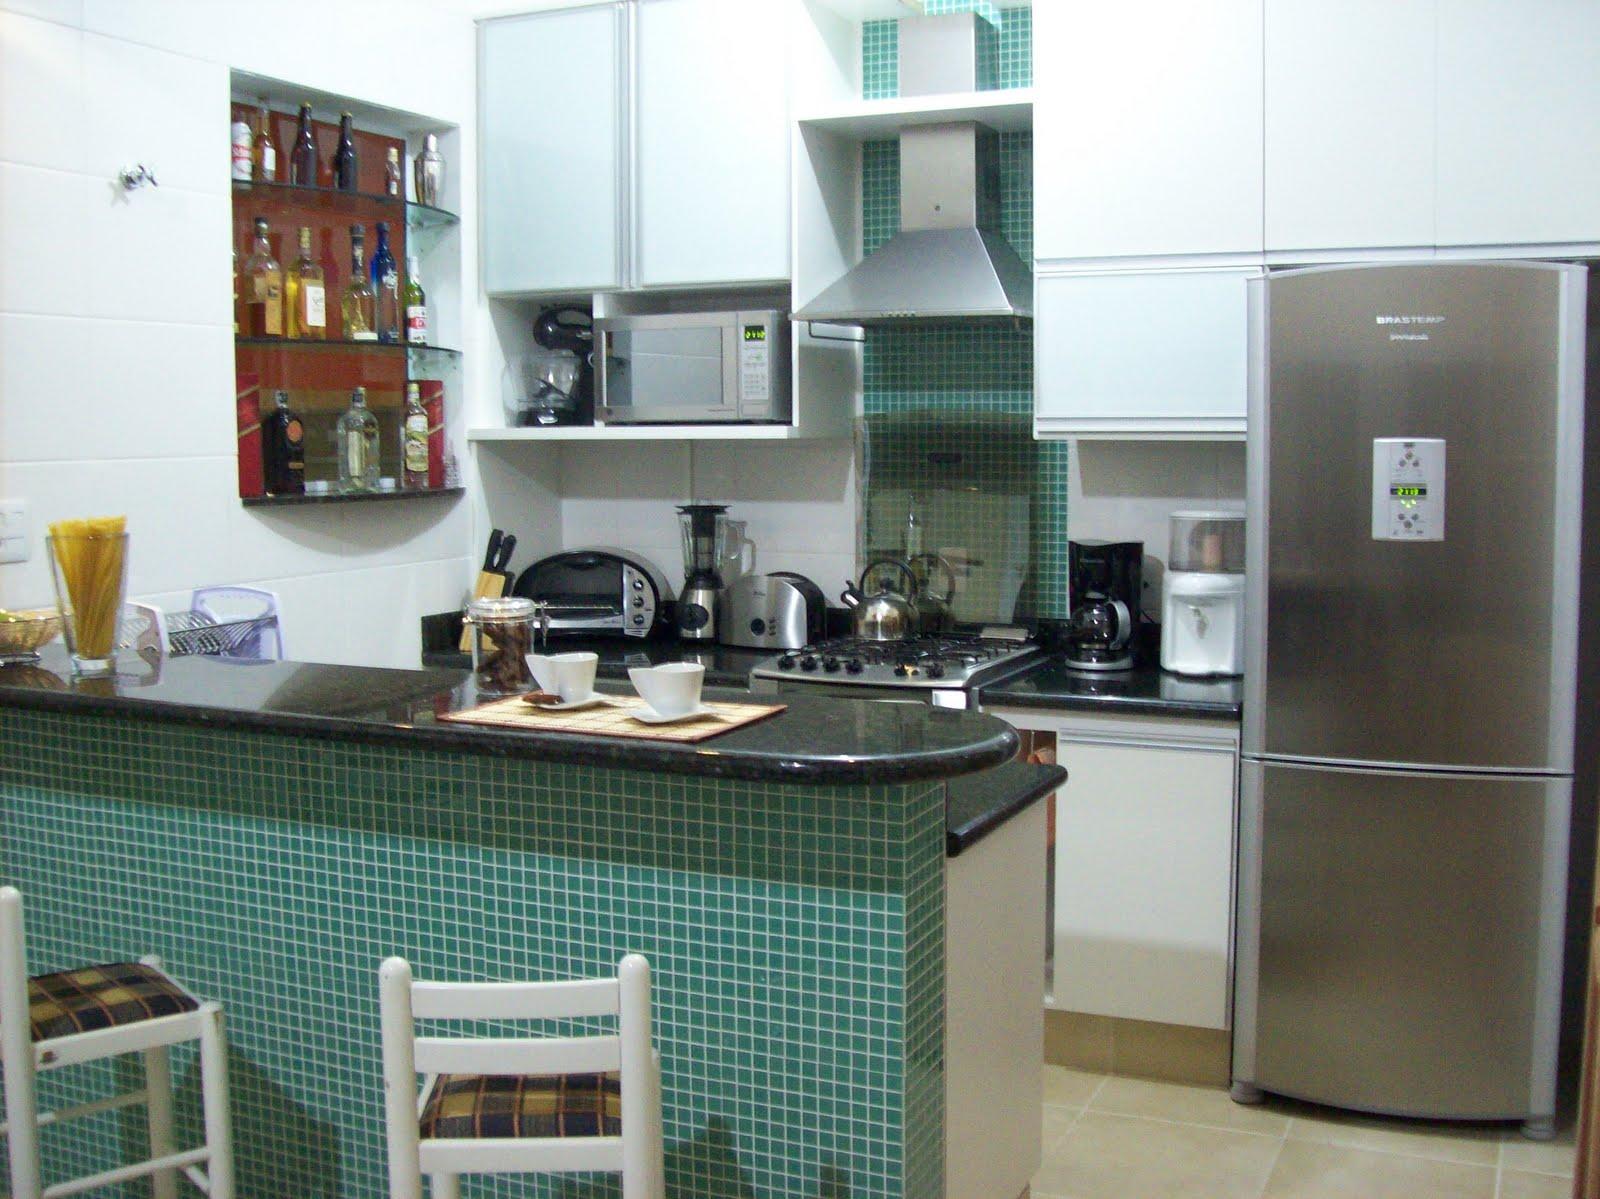 decoracao de apartamentos pequenos cozinha : decoracao de apartamentos pequenos cozinha:Fonte da foto: www.anitamulher.com.br Cozinha com Pastilhas de Vidro